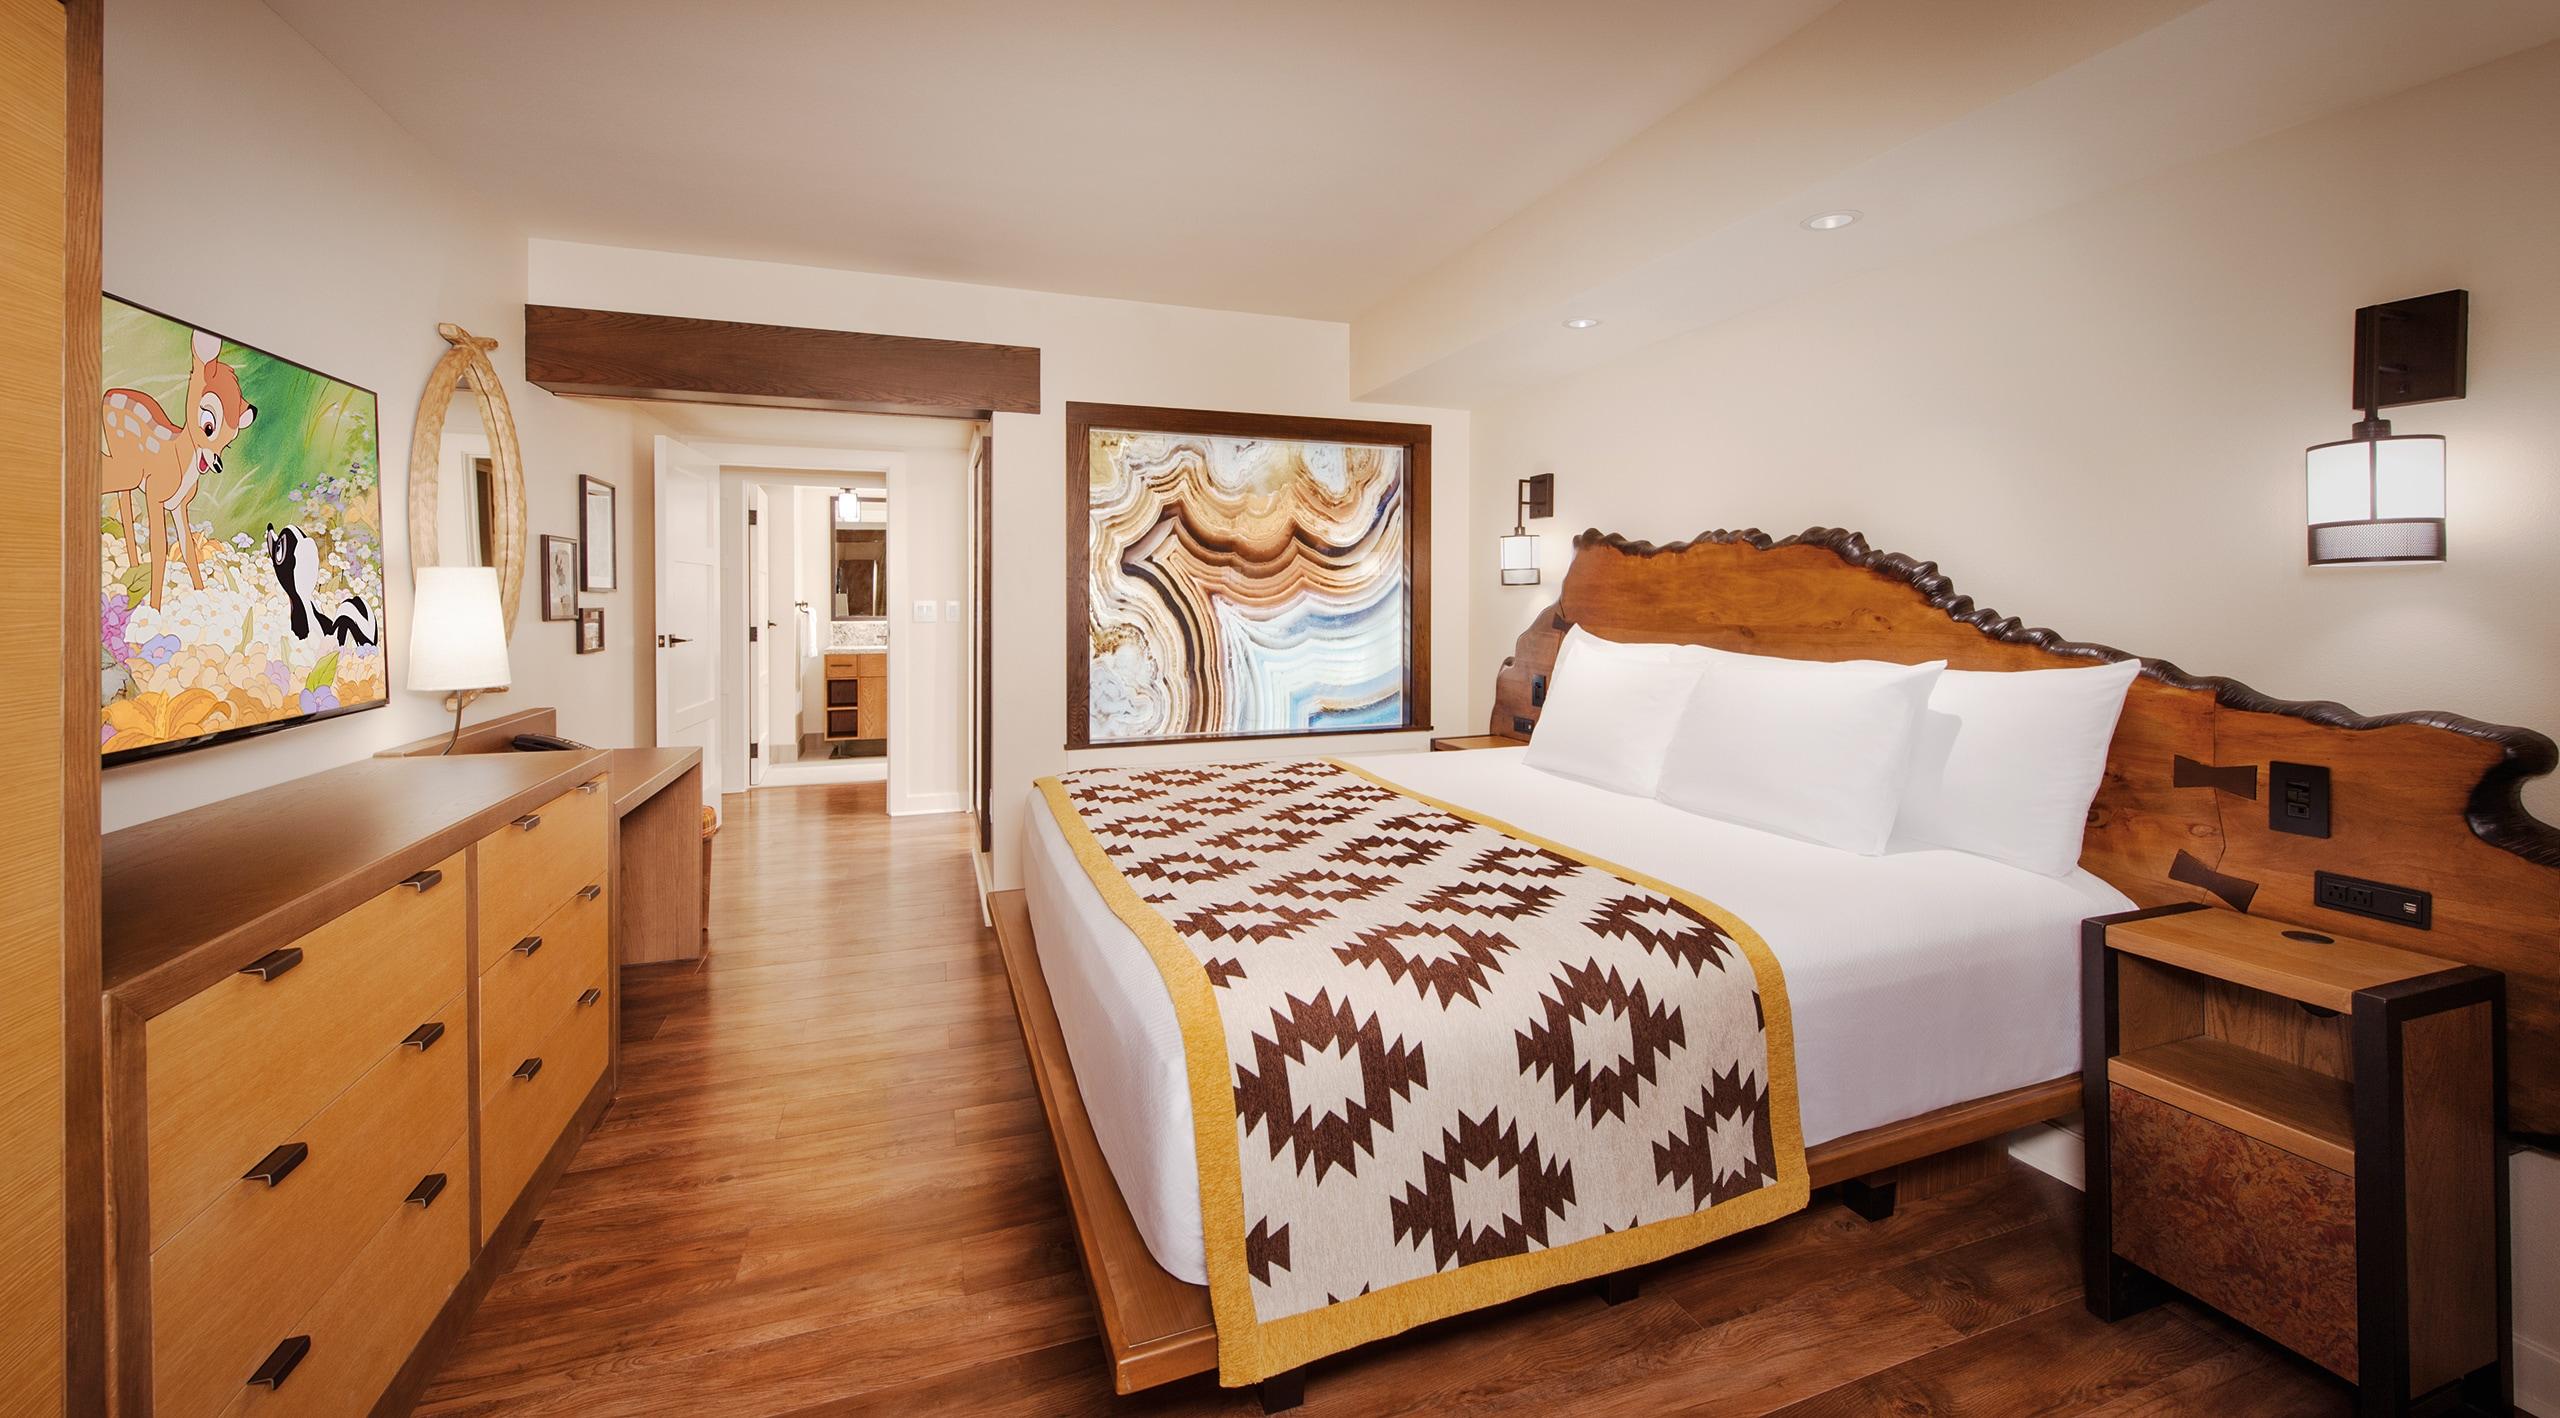 Aulani 1 Bedroom Villa Floor Plan Rooms Amp Points Copper Creek Villas Amp Cabins Disney